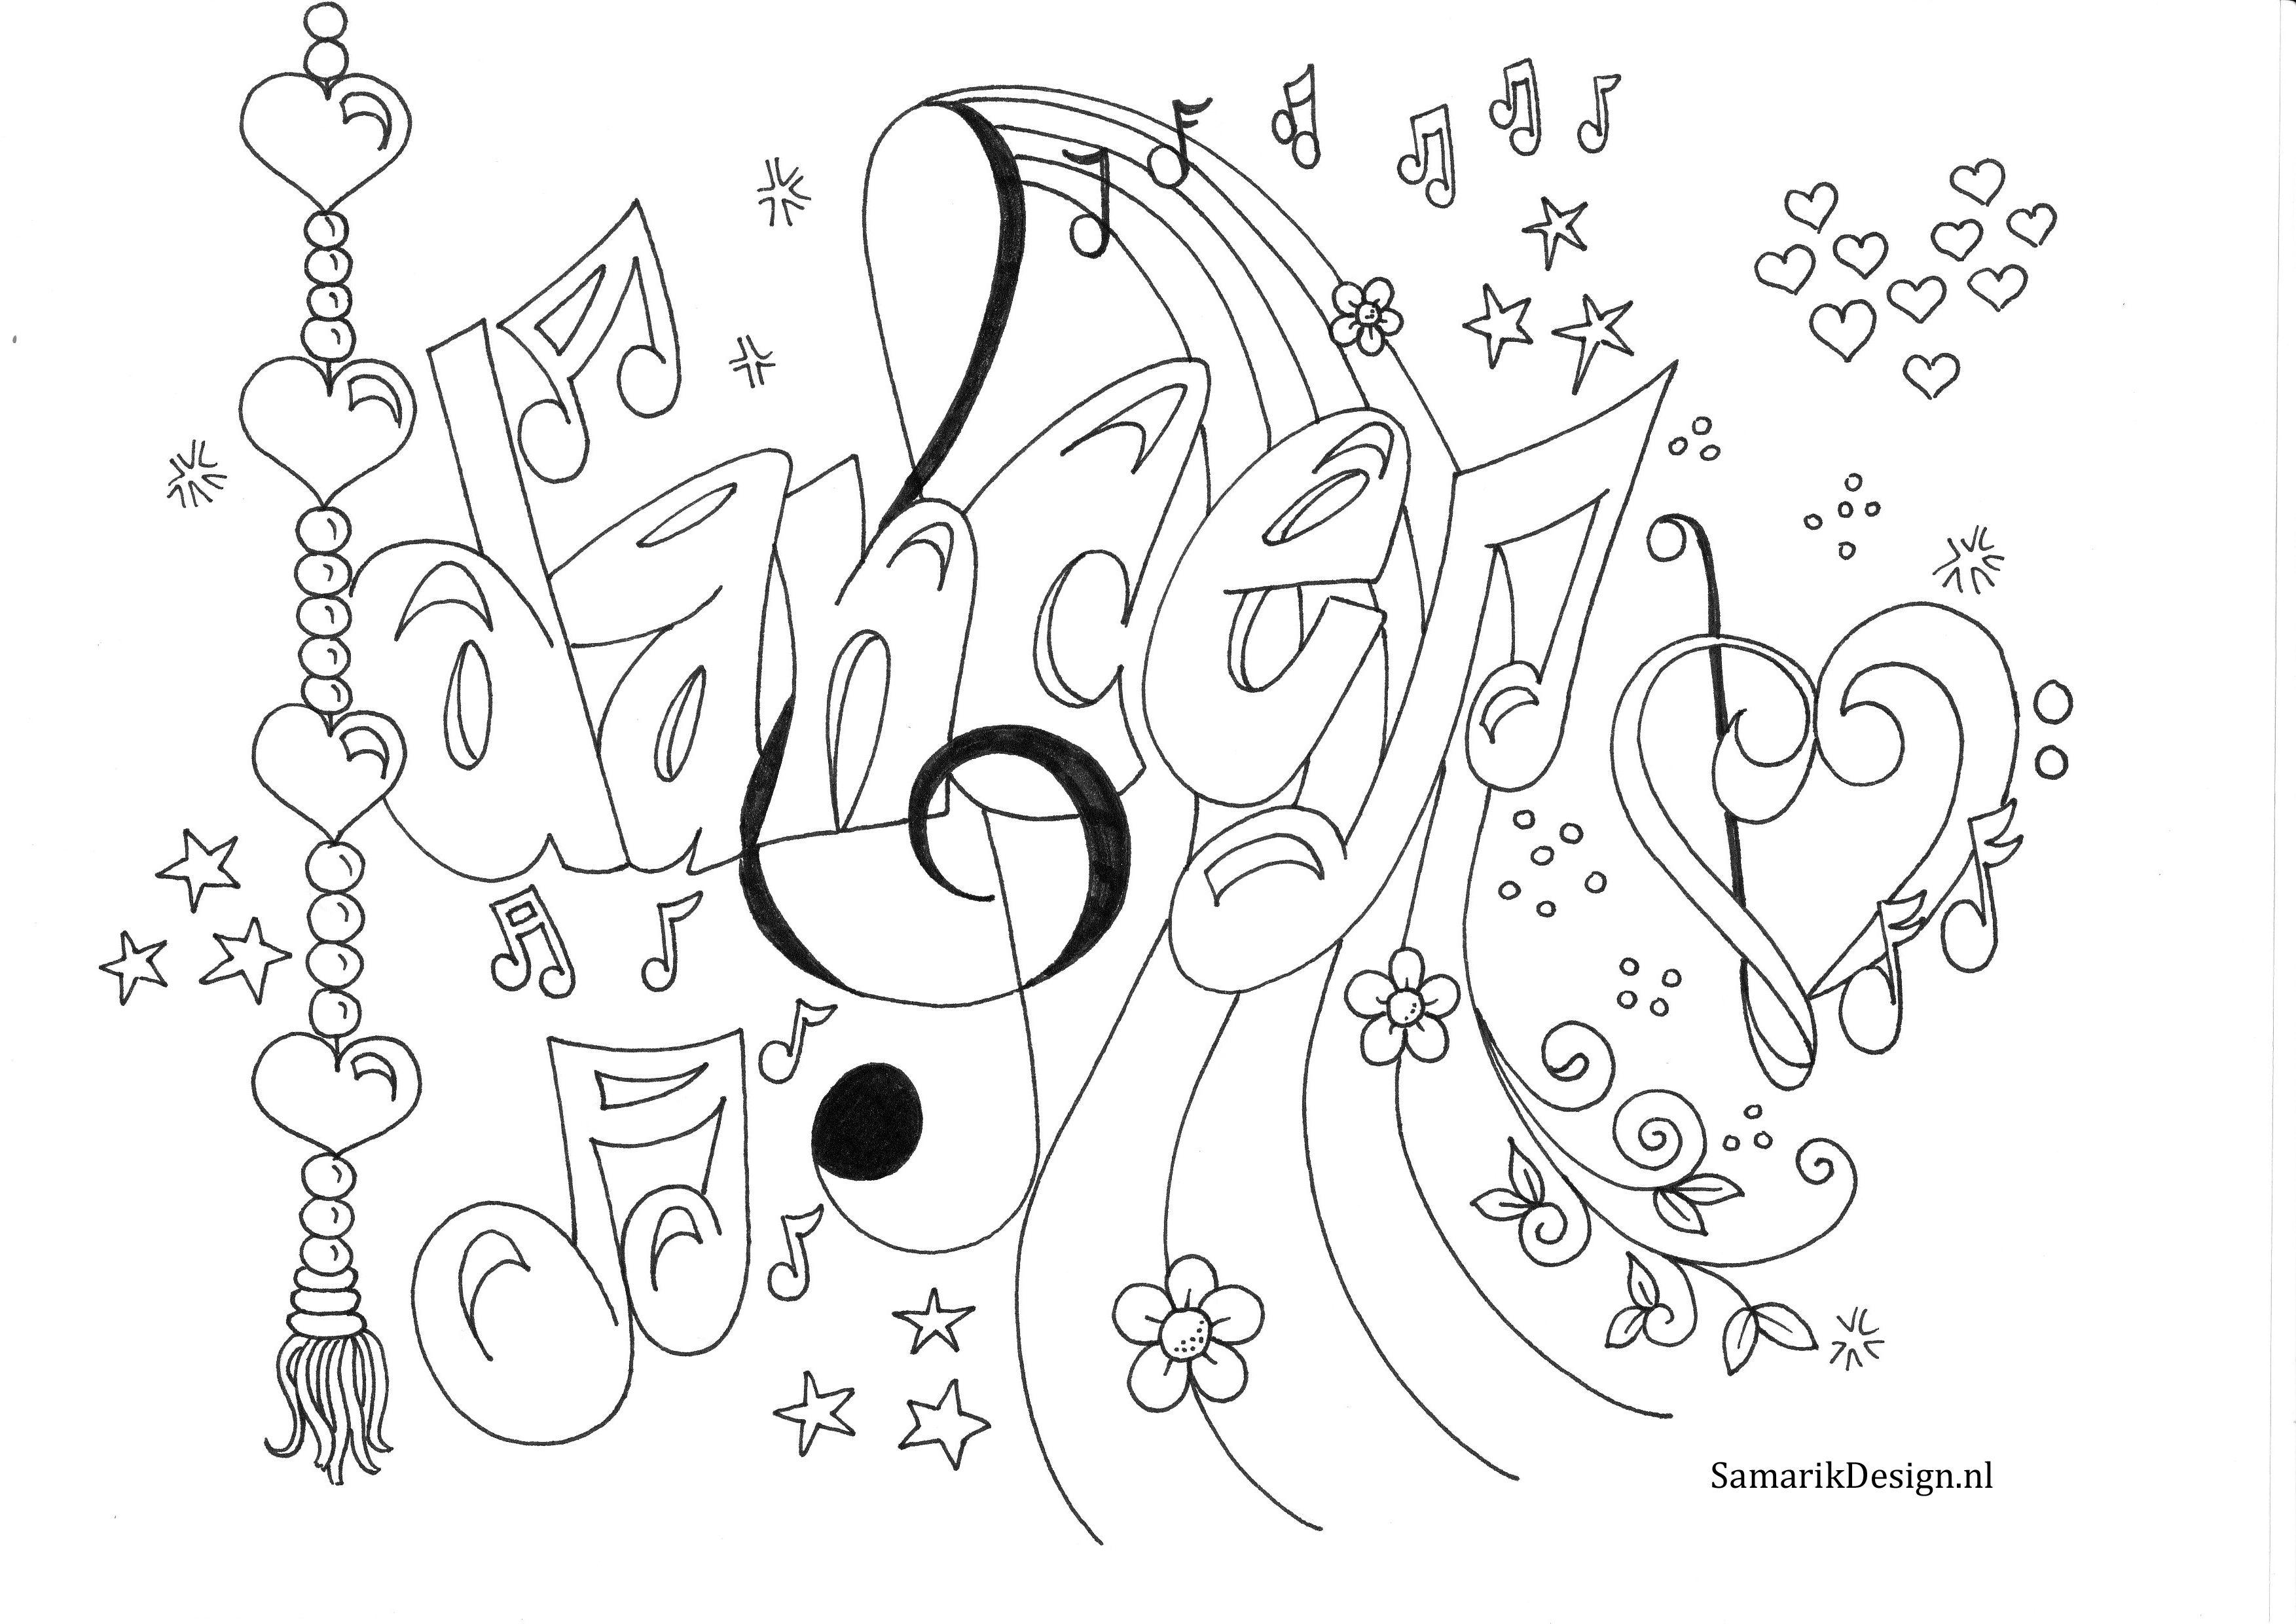 Kleurplaat voor volwassenen. Dance doodle